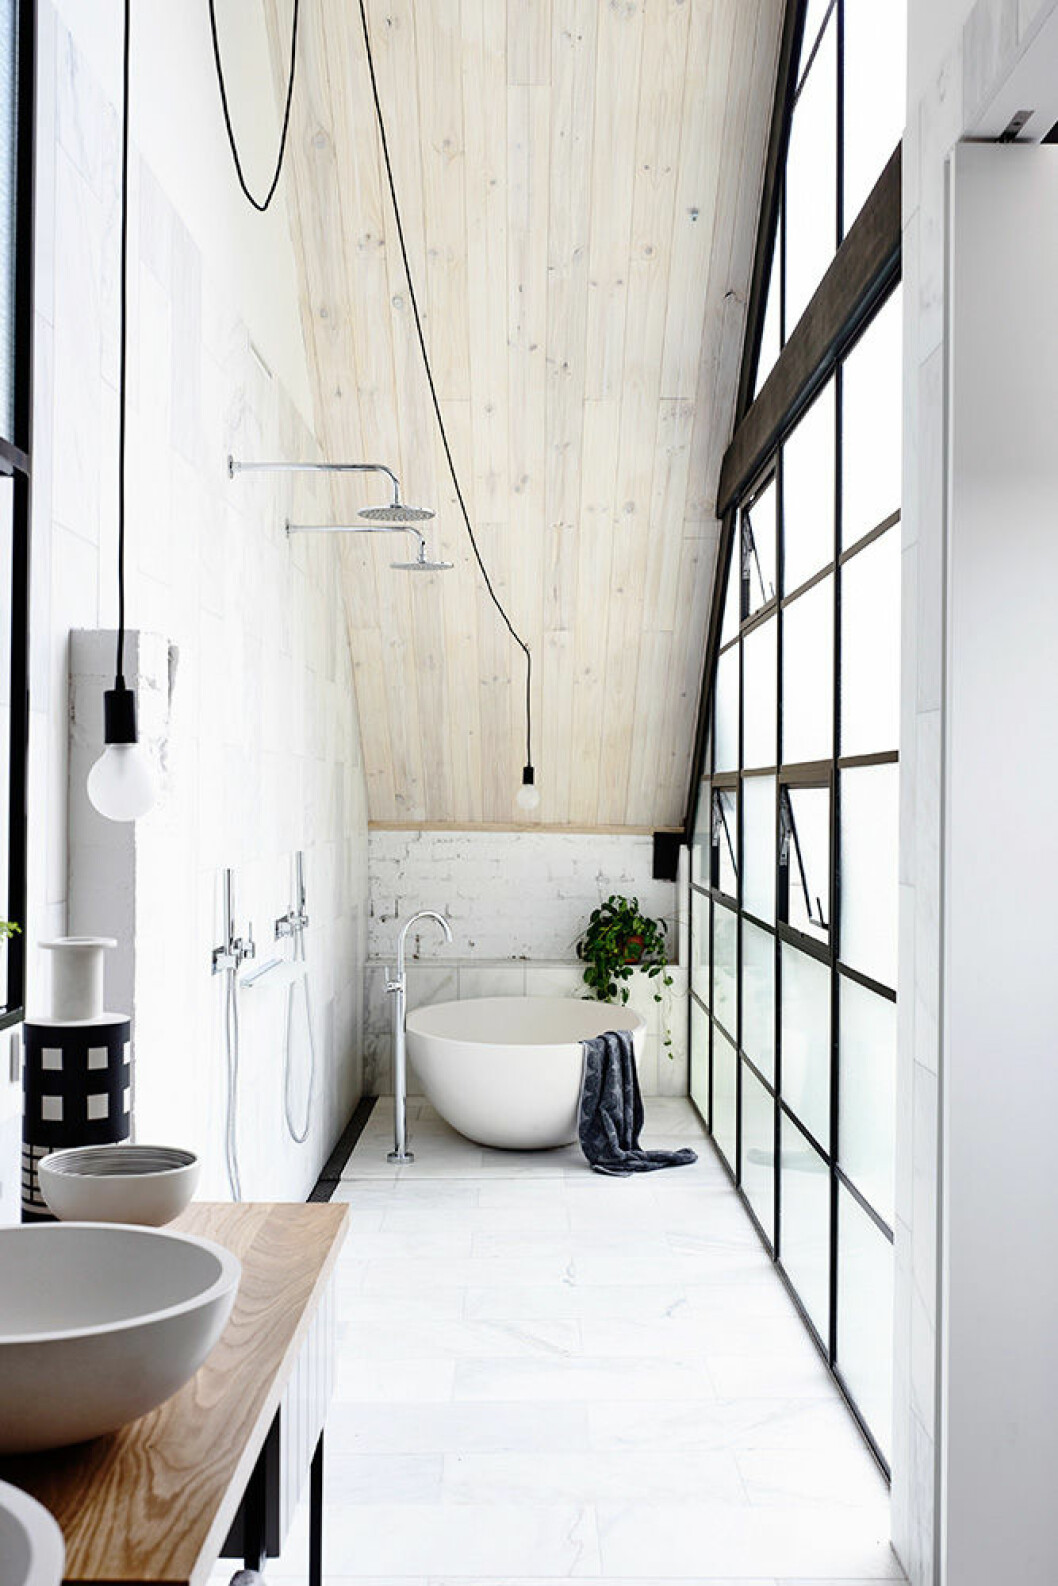 En hel vägg klädd i stilsäkra industrifönster i svart